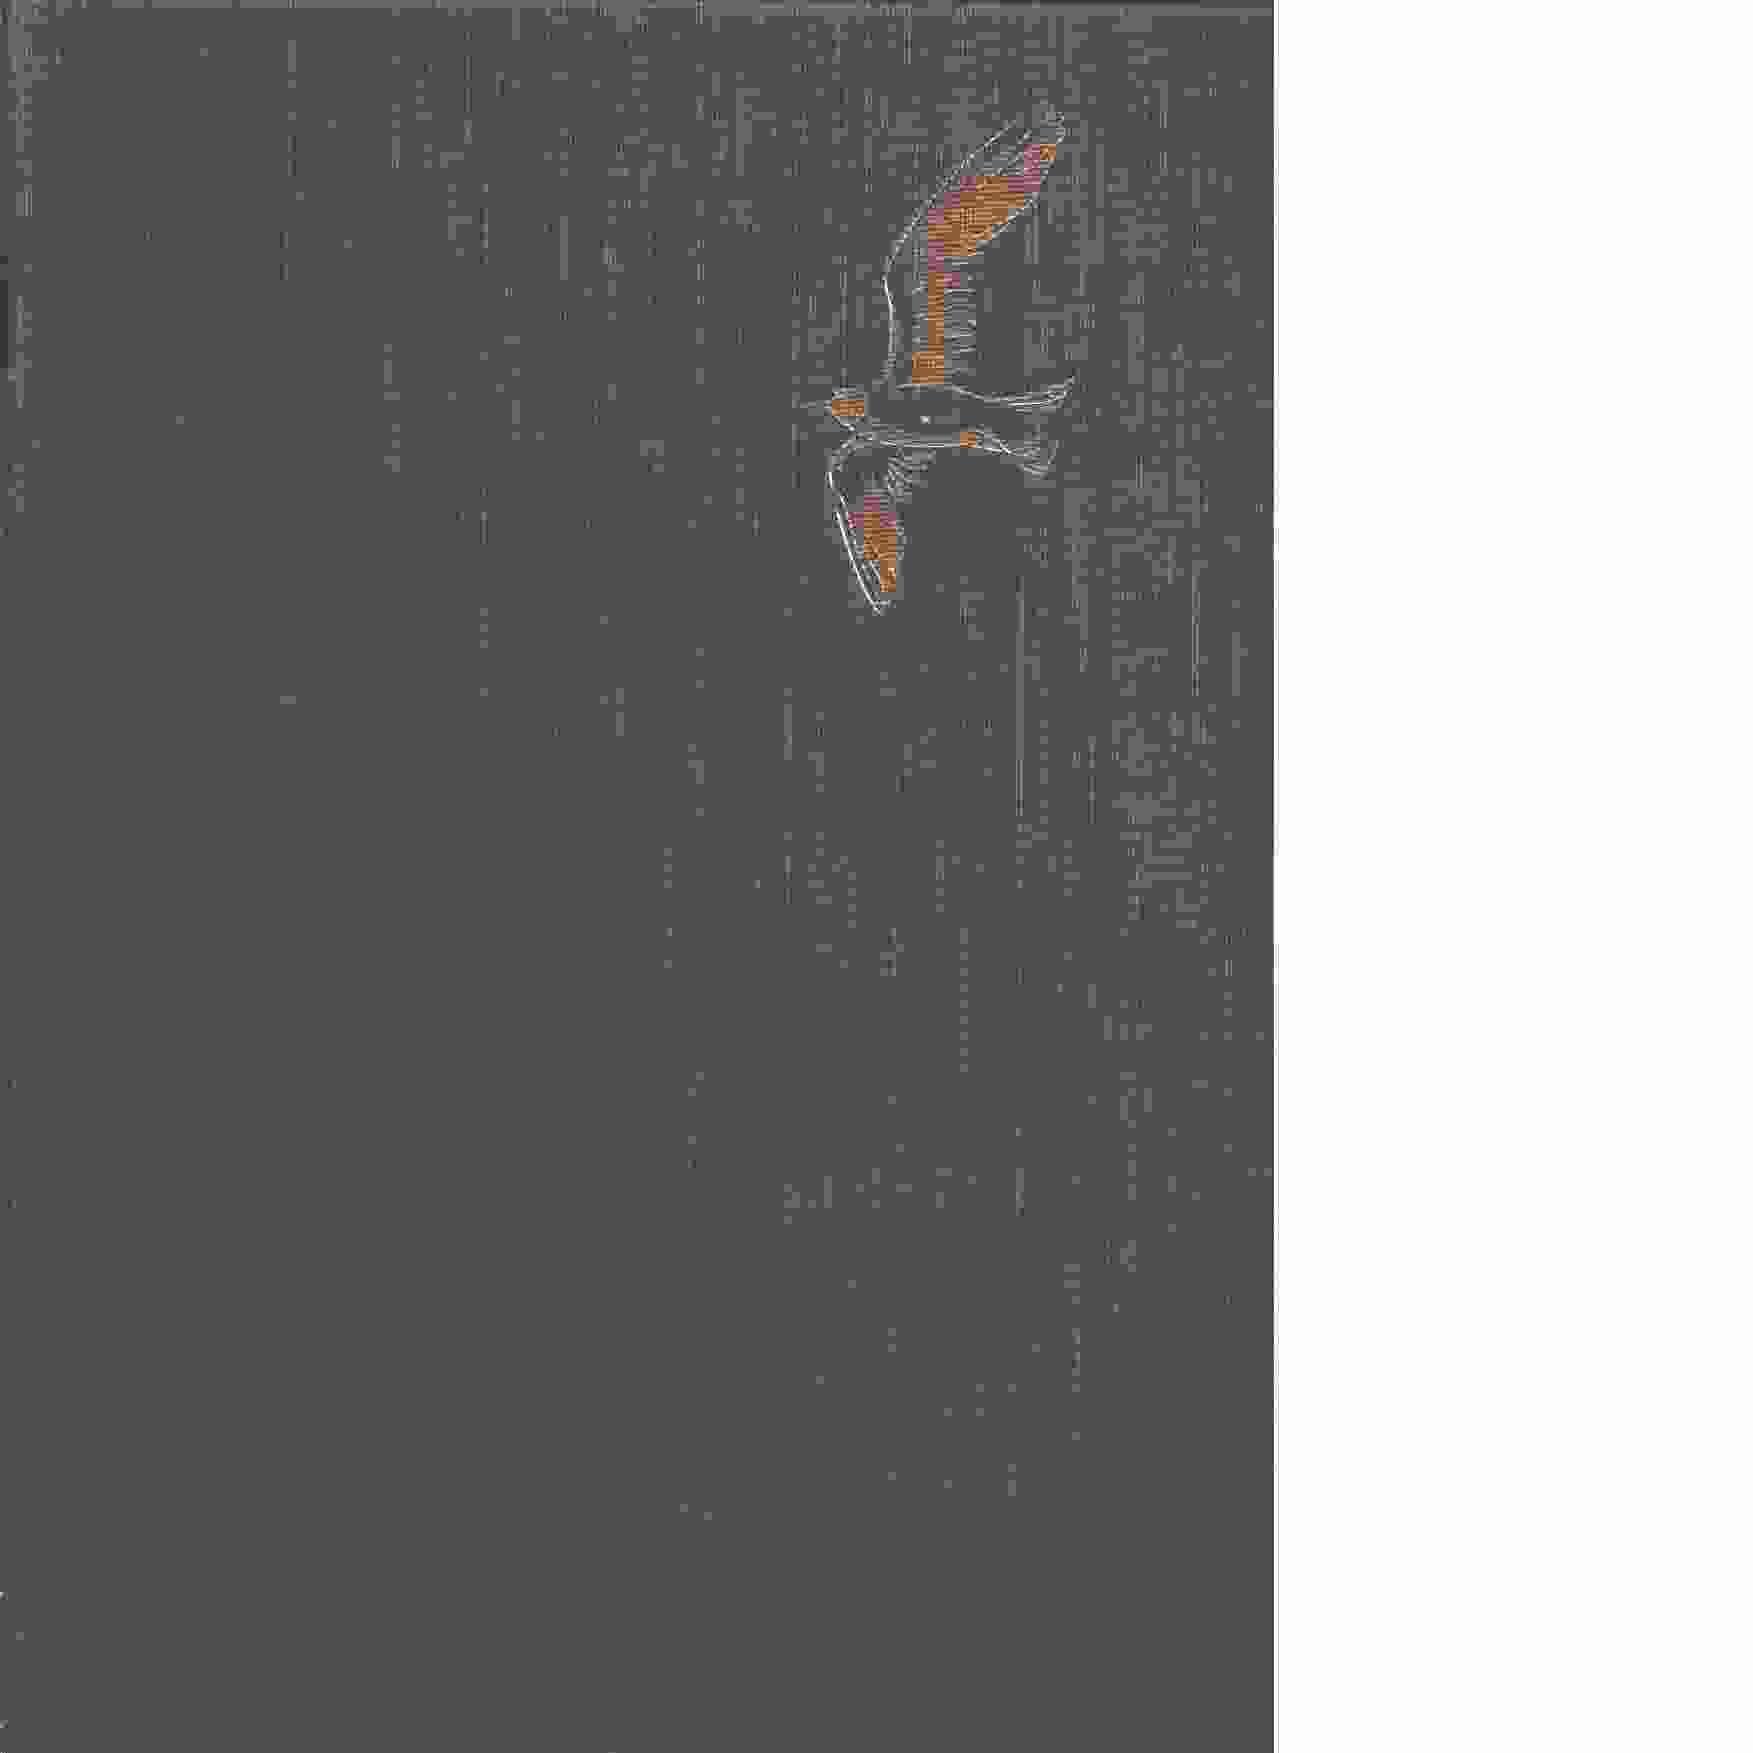 Våra fåglar i Norden 1-4 - Curry-Lindahl, Kai